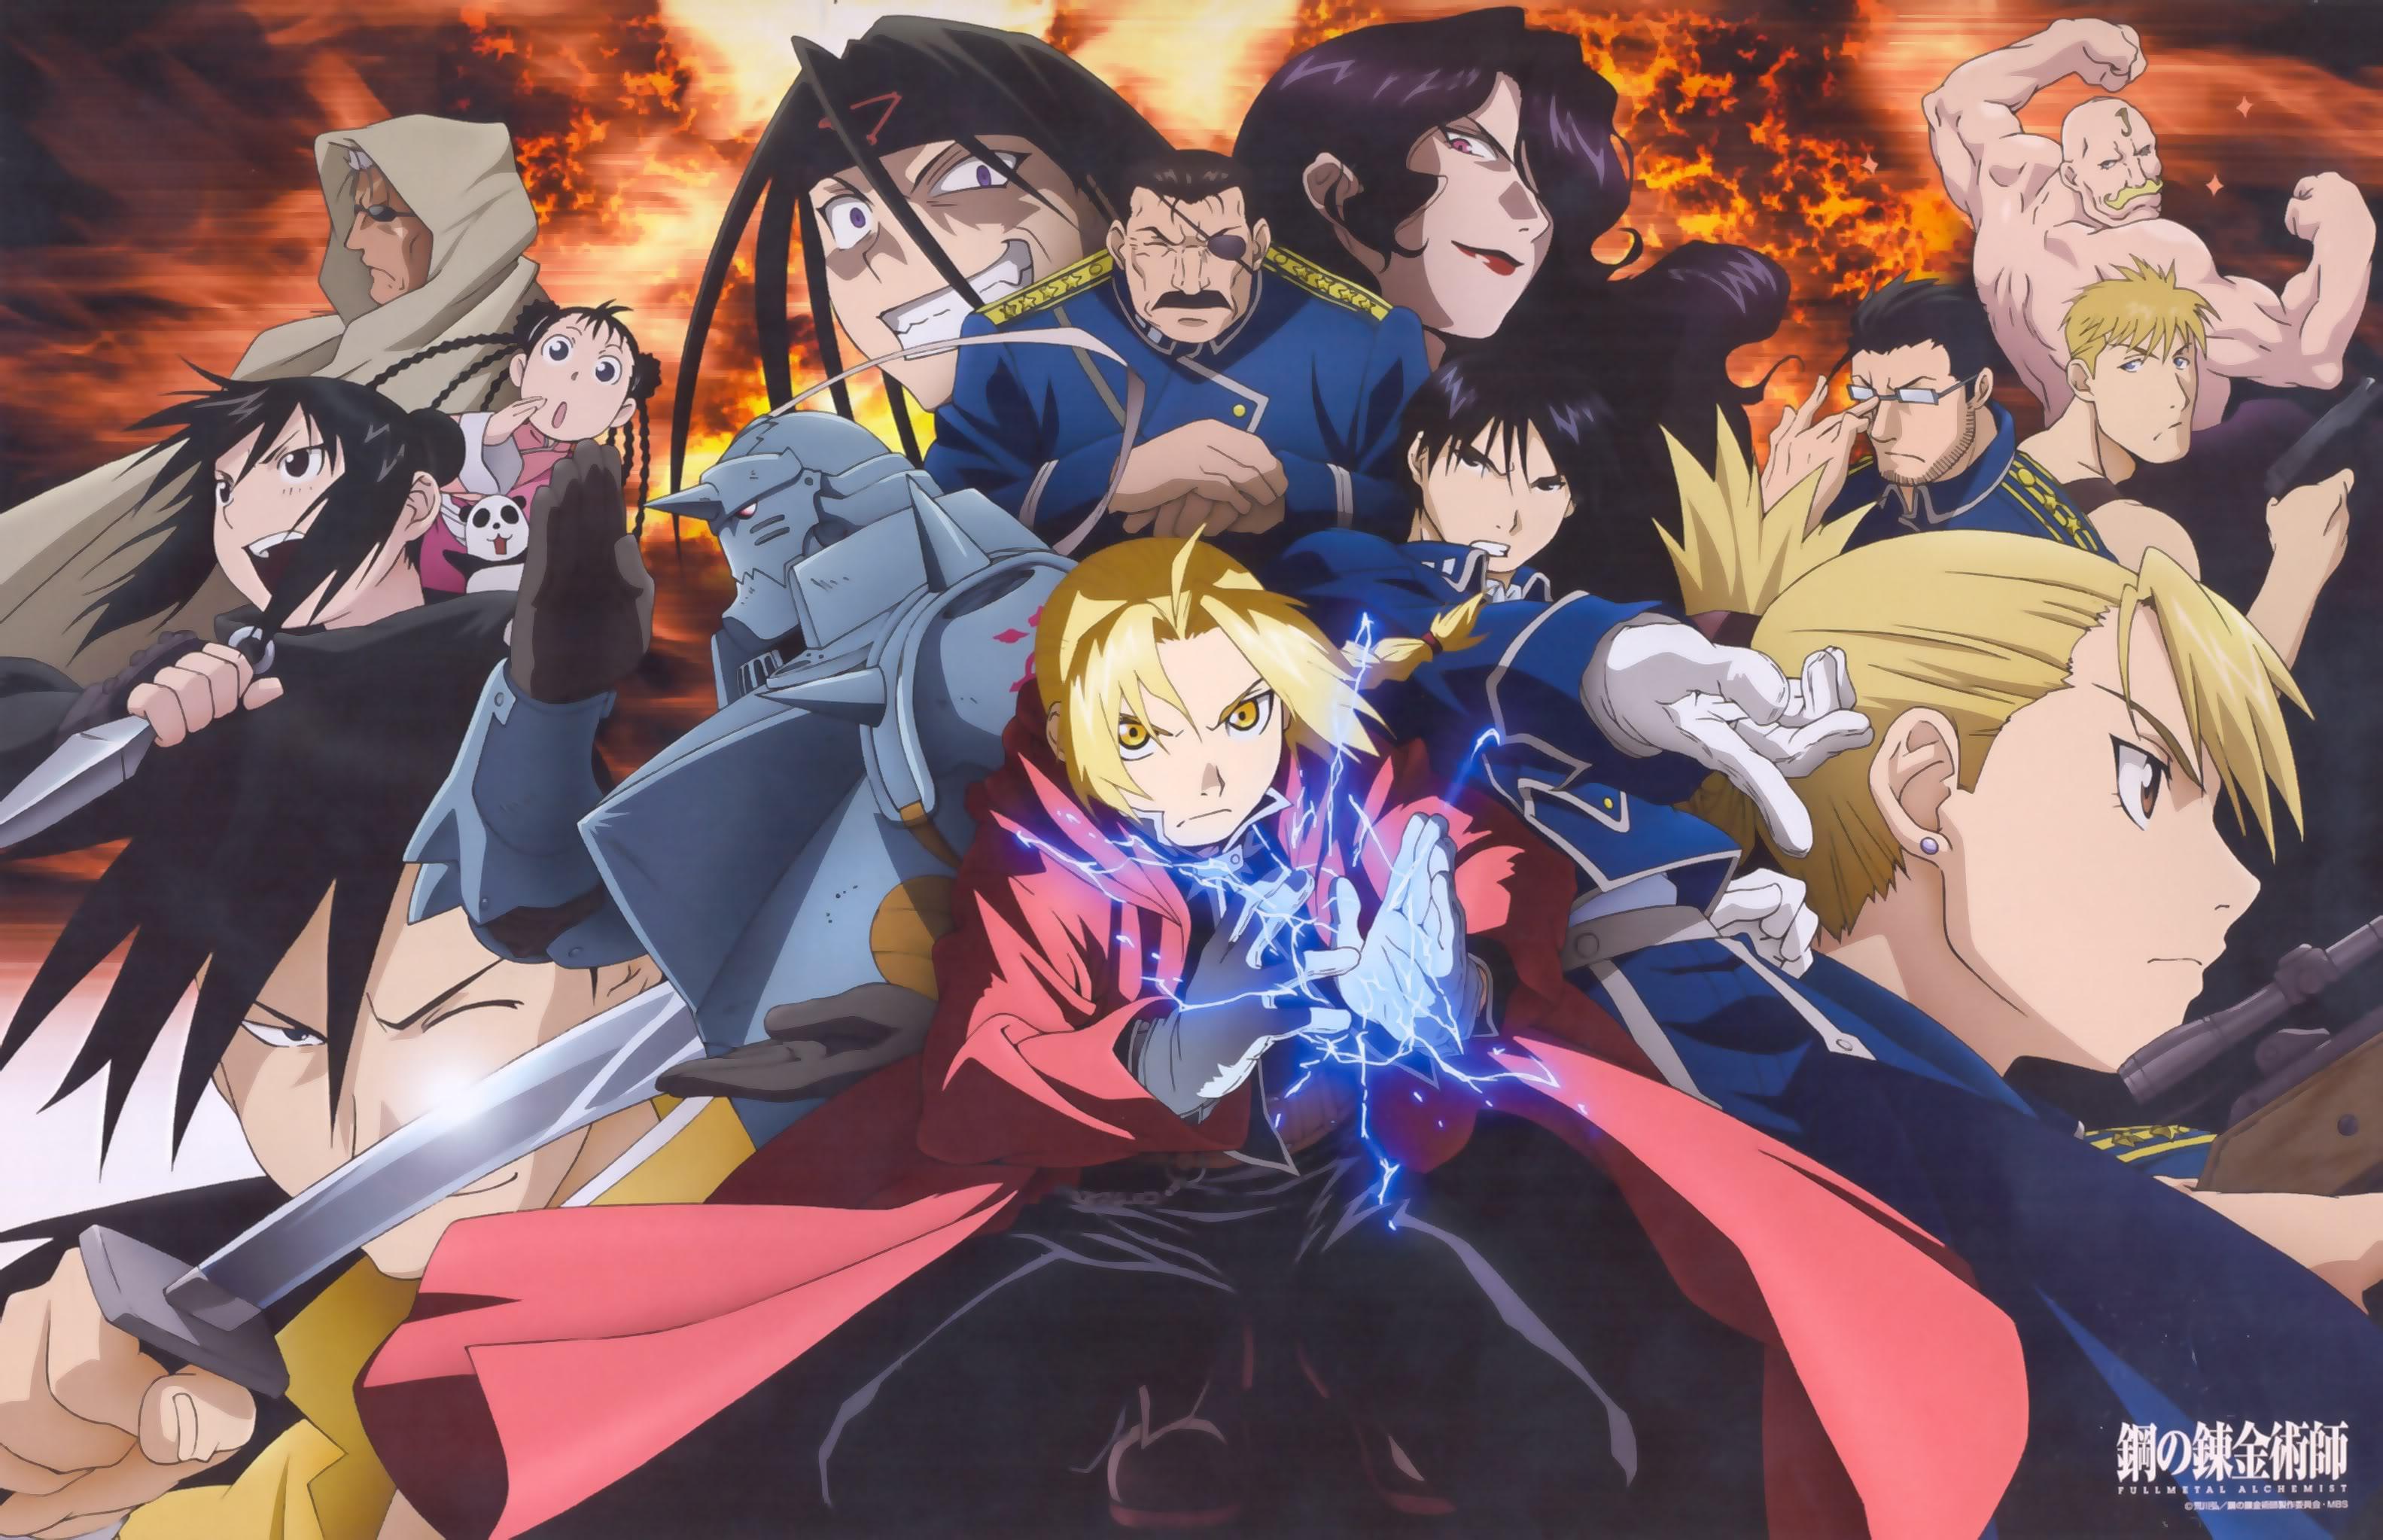 7e5880ef 3d5a 41e5 861f 51e400fdf337 Top 10 bộ anime hành động mà bạn không thể bỏ qua